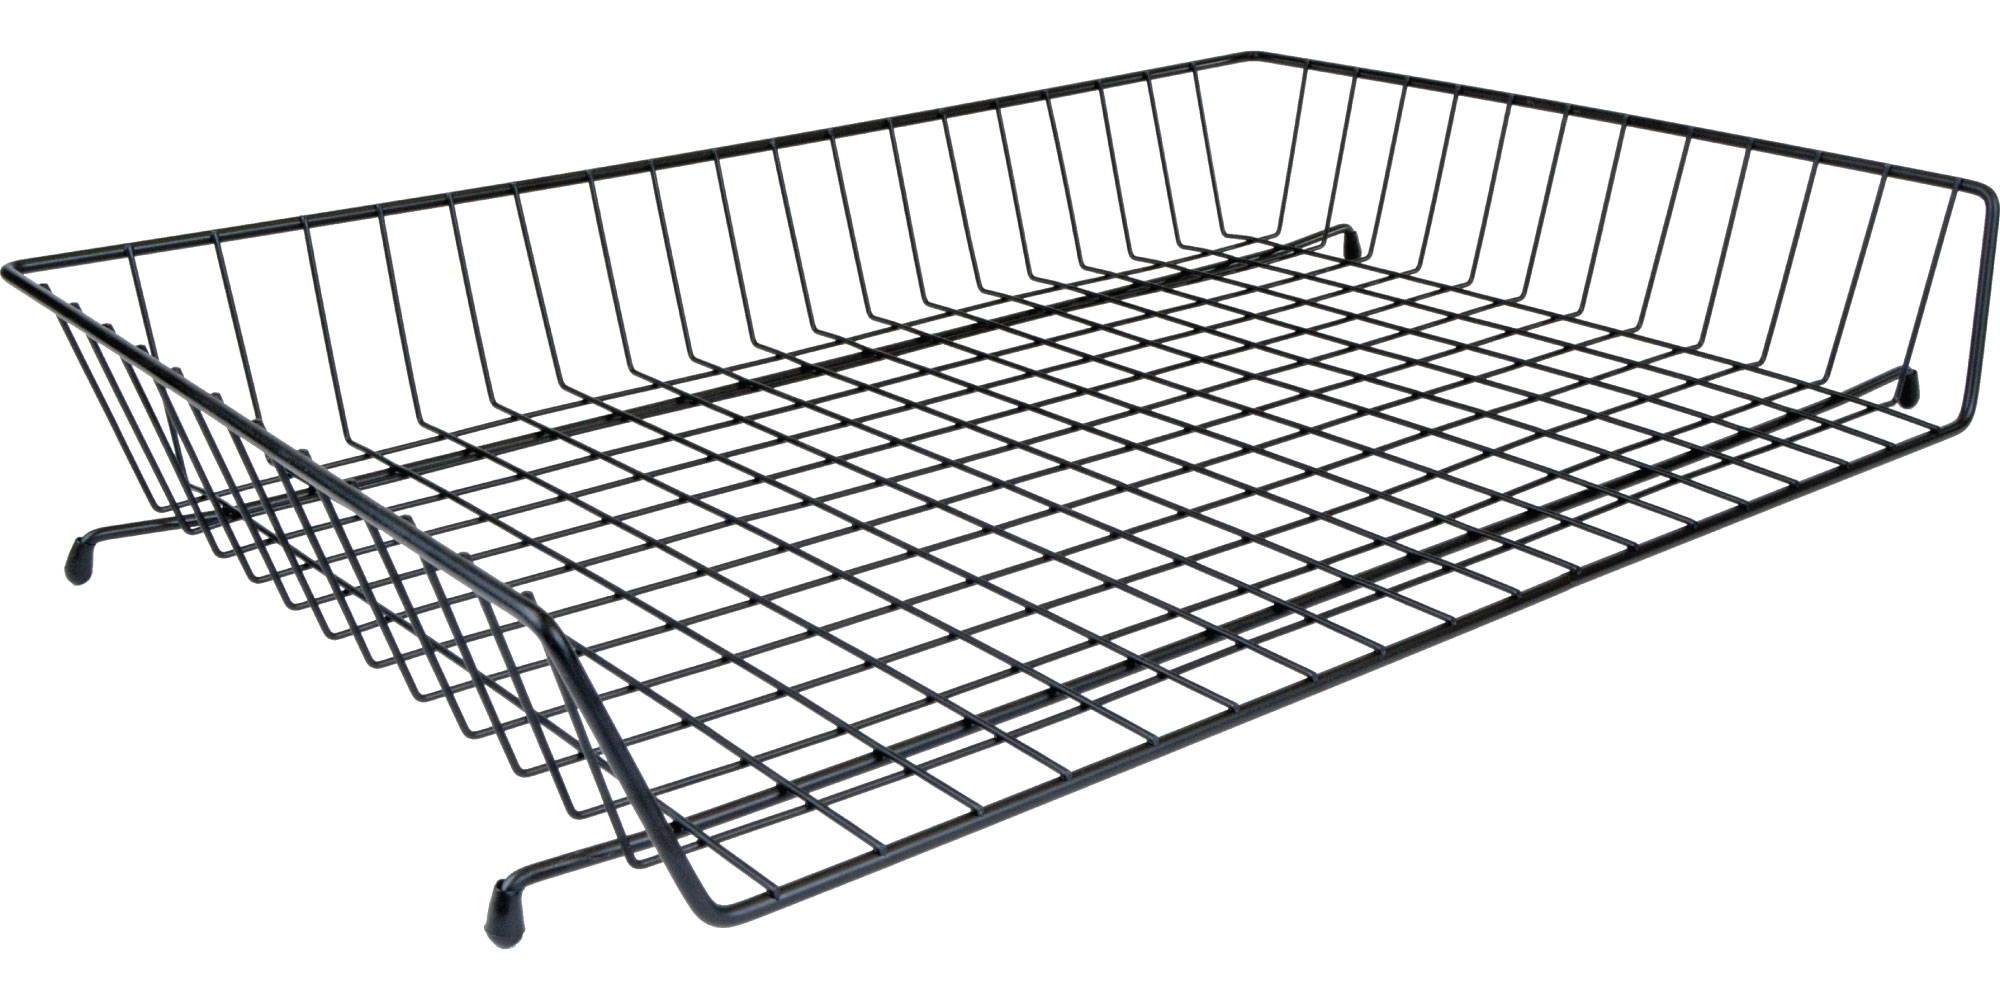 Surprising 11X17 Wire Basket Desk Trays For Office Organization Interior Design Ideas Grebswwsoteloinfo